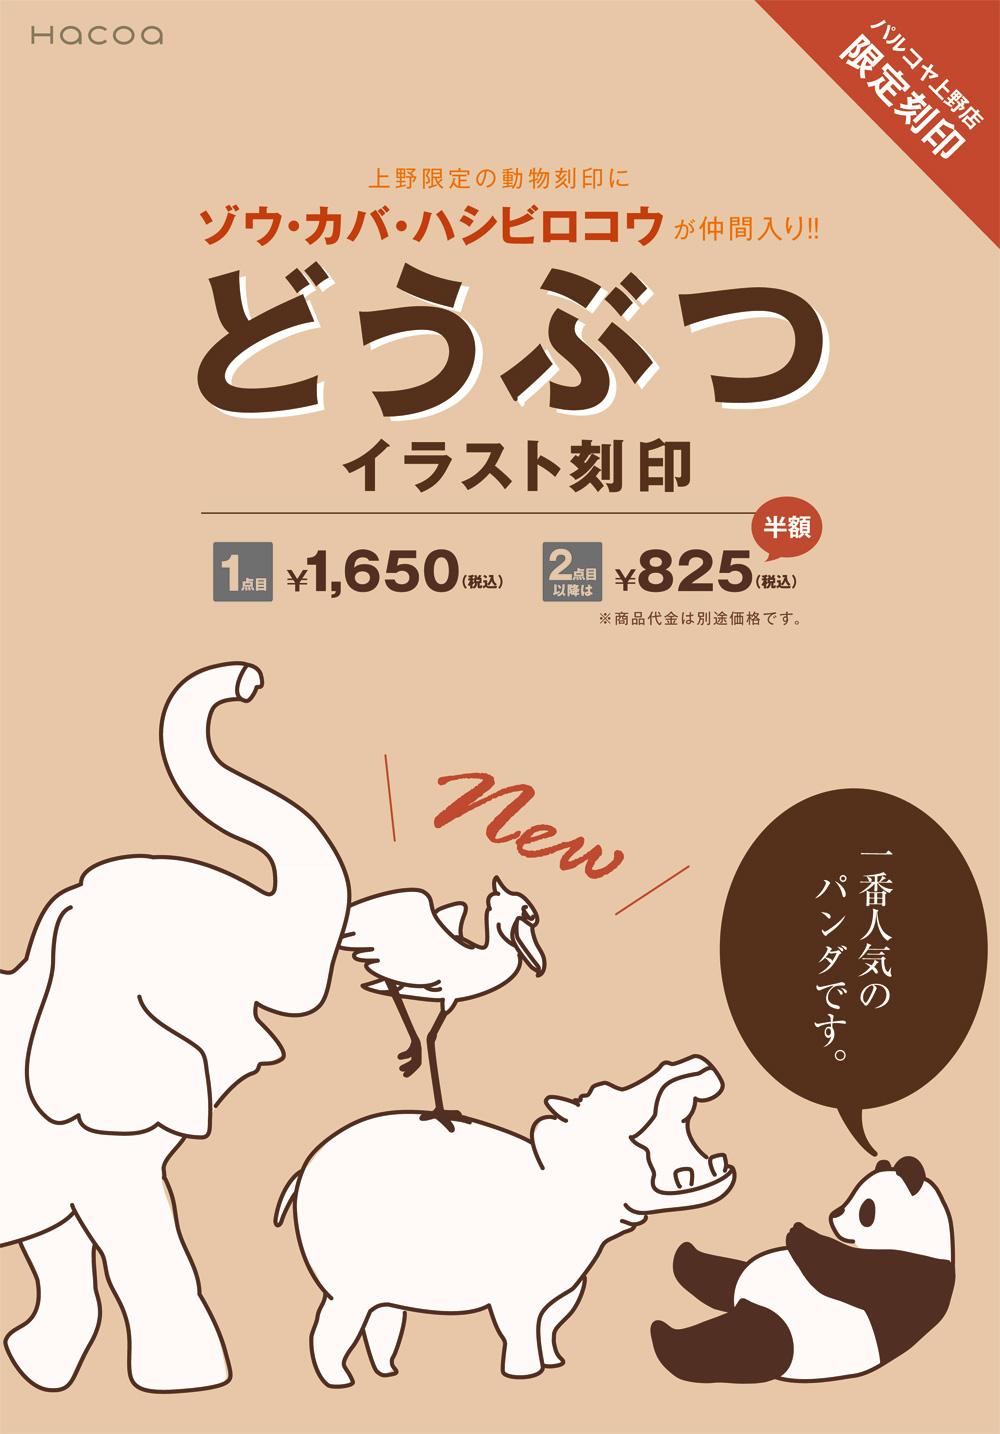 パルコヤ上野店限定-どうぶつイラスト刻印